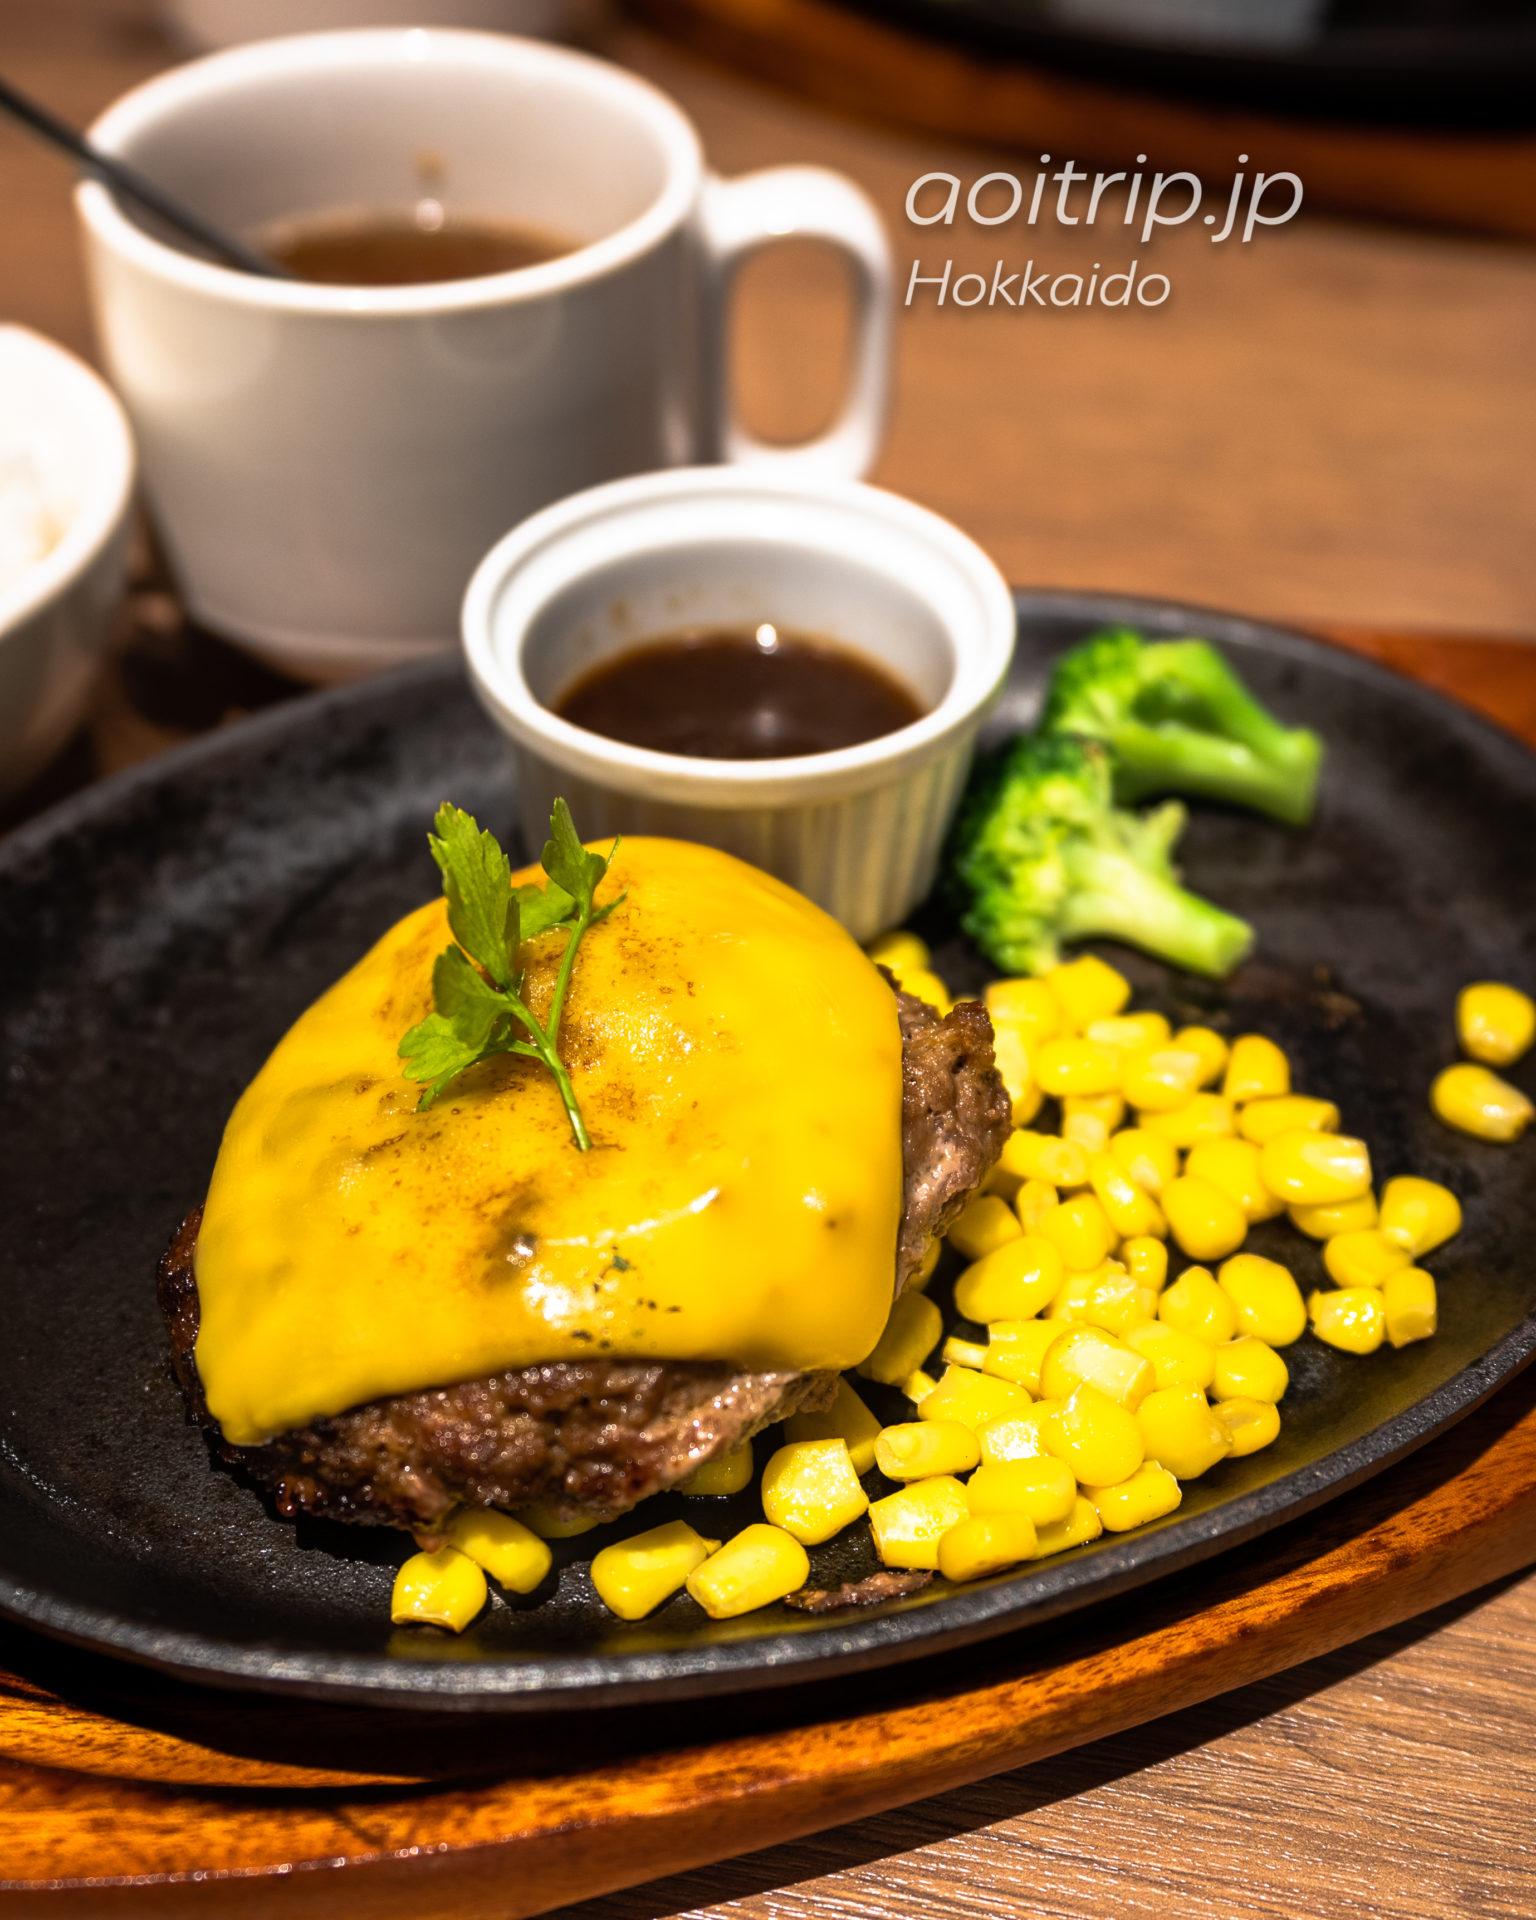 星野リゾートトマム 窯焼きステーキ&鉄板ハンバーグ カマロ ステーキダイナーのハンバーグ